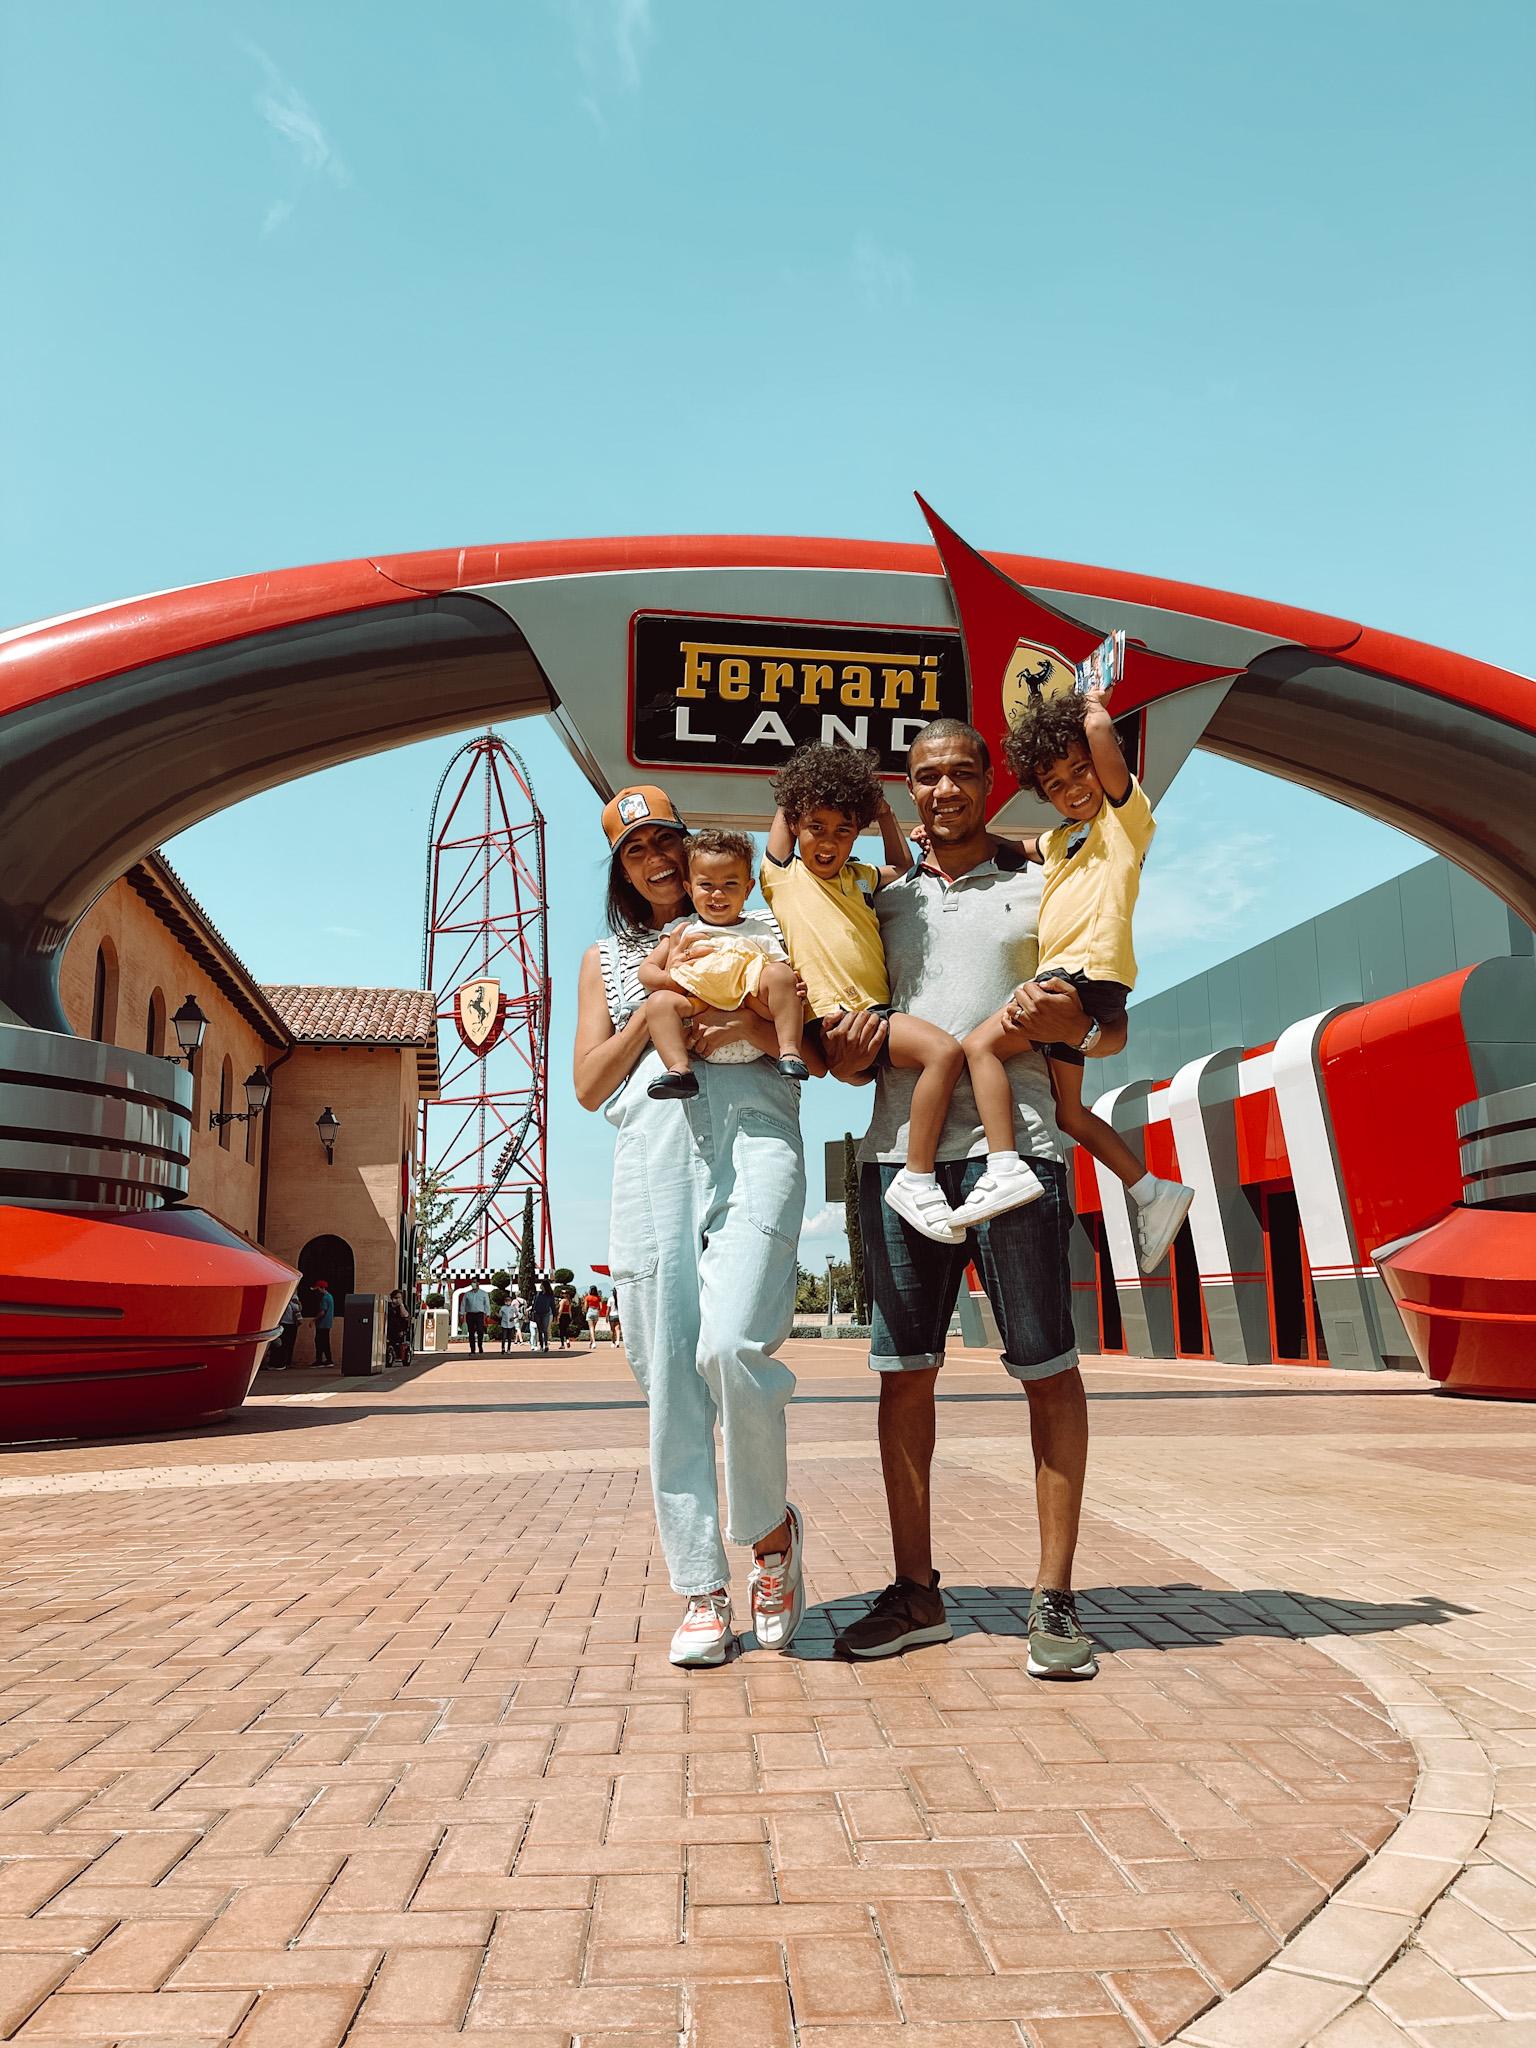 Entrada parque Ferrari Land